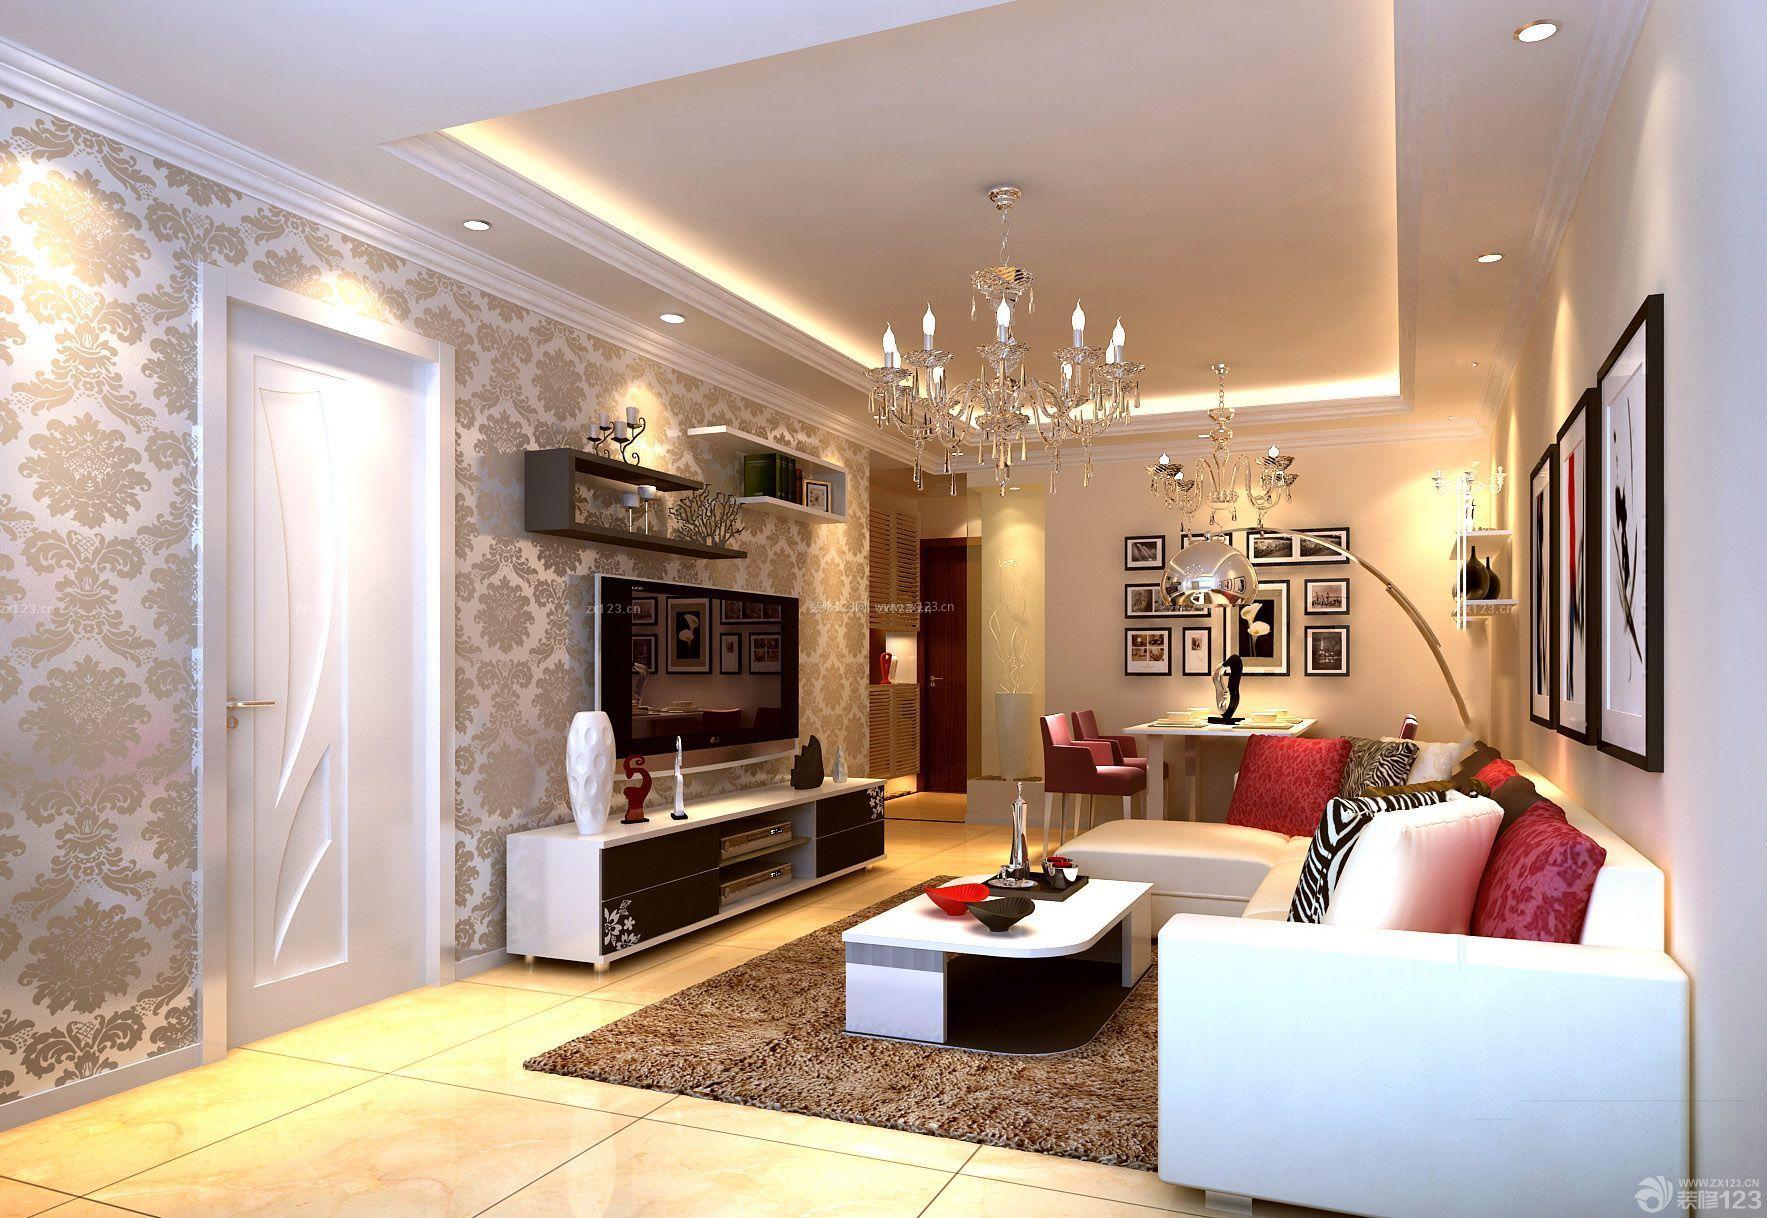 80平米小户型客厅内墙壁纸背景墙装修效果图